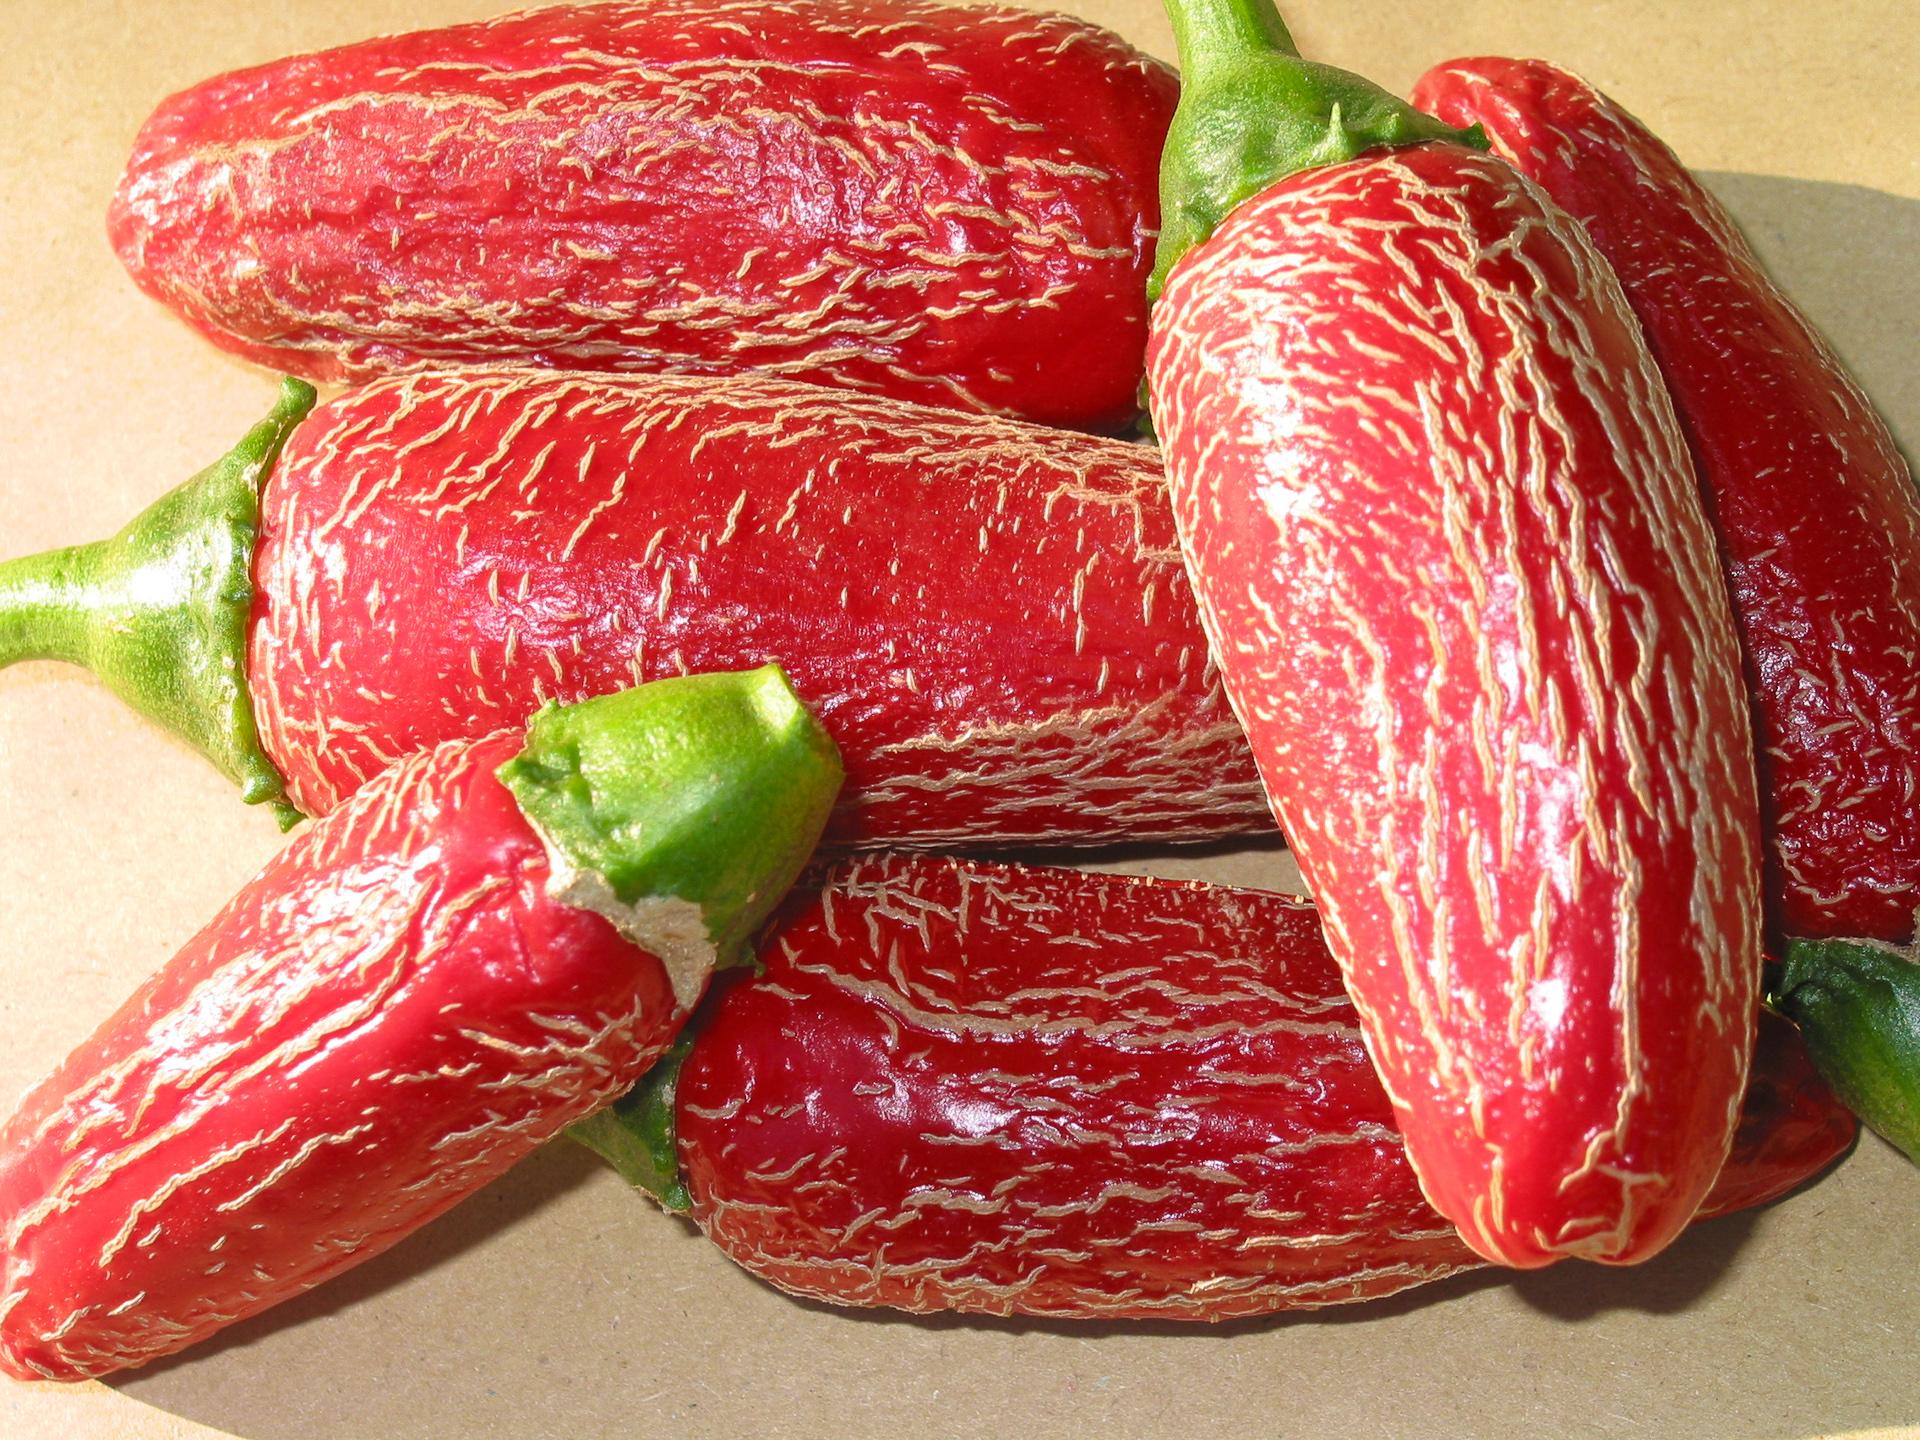 VI029378 - Capsicum chinense - Chilisorte